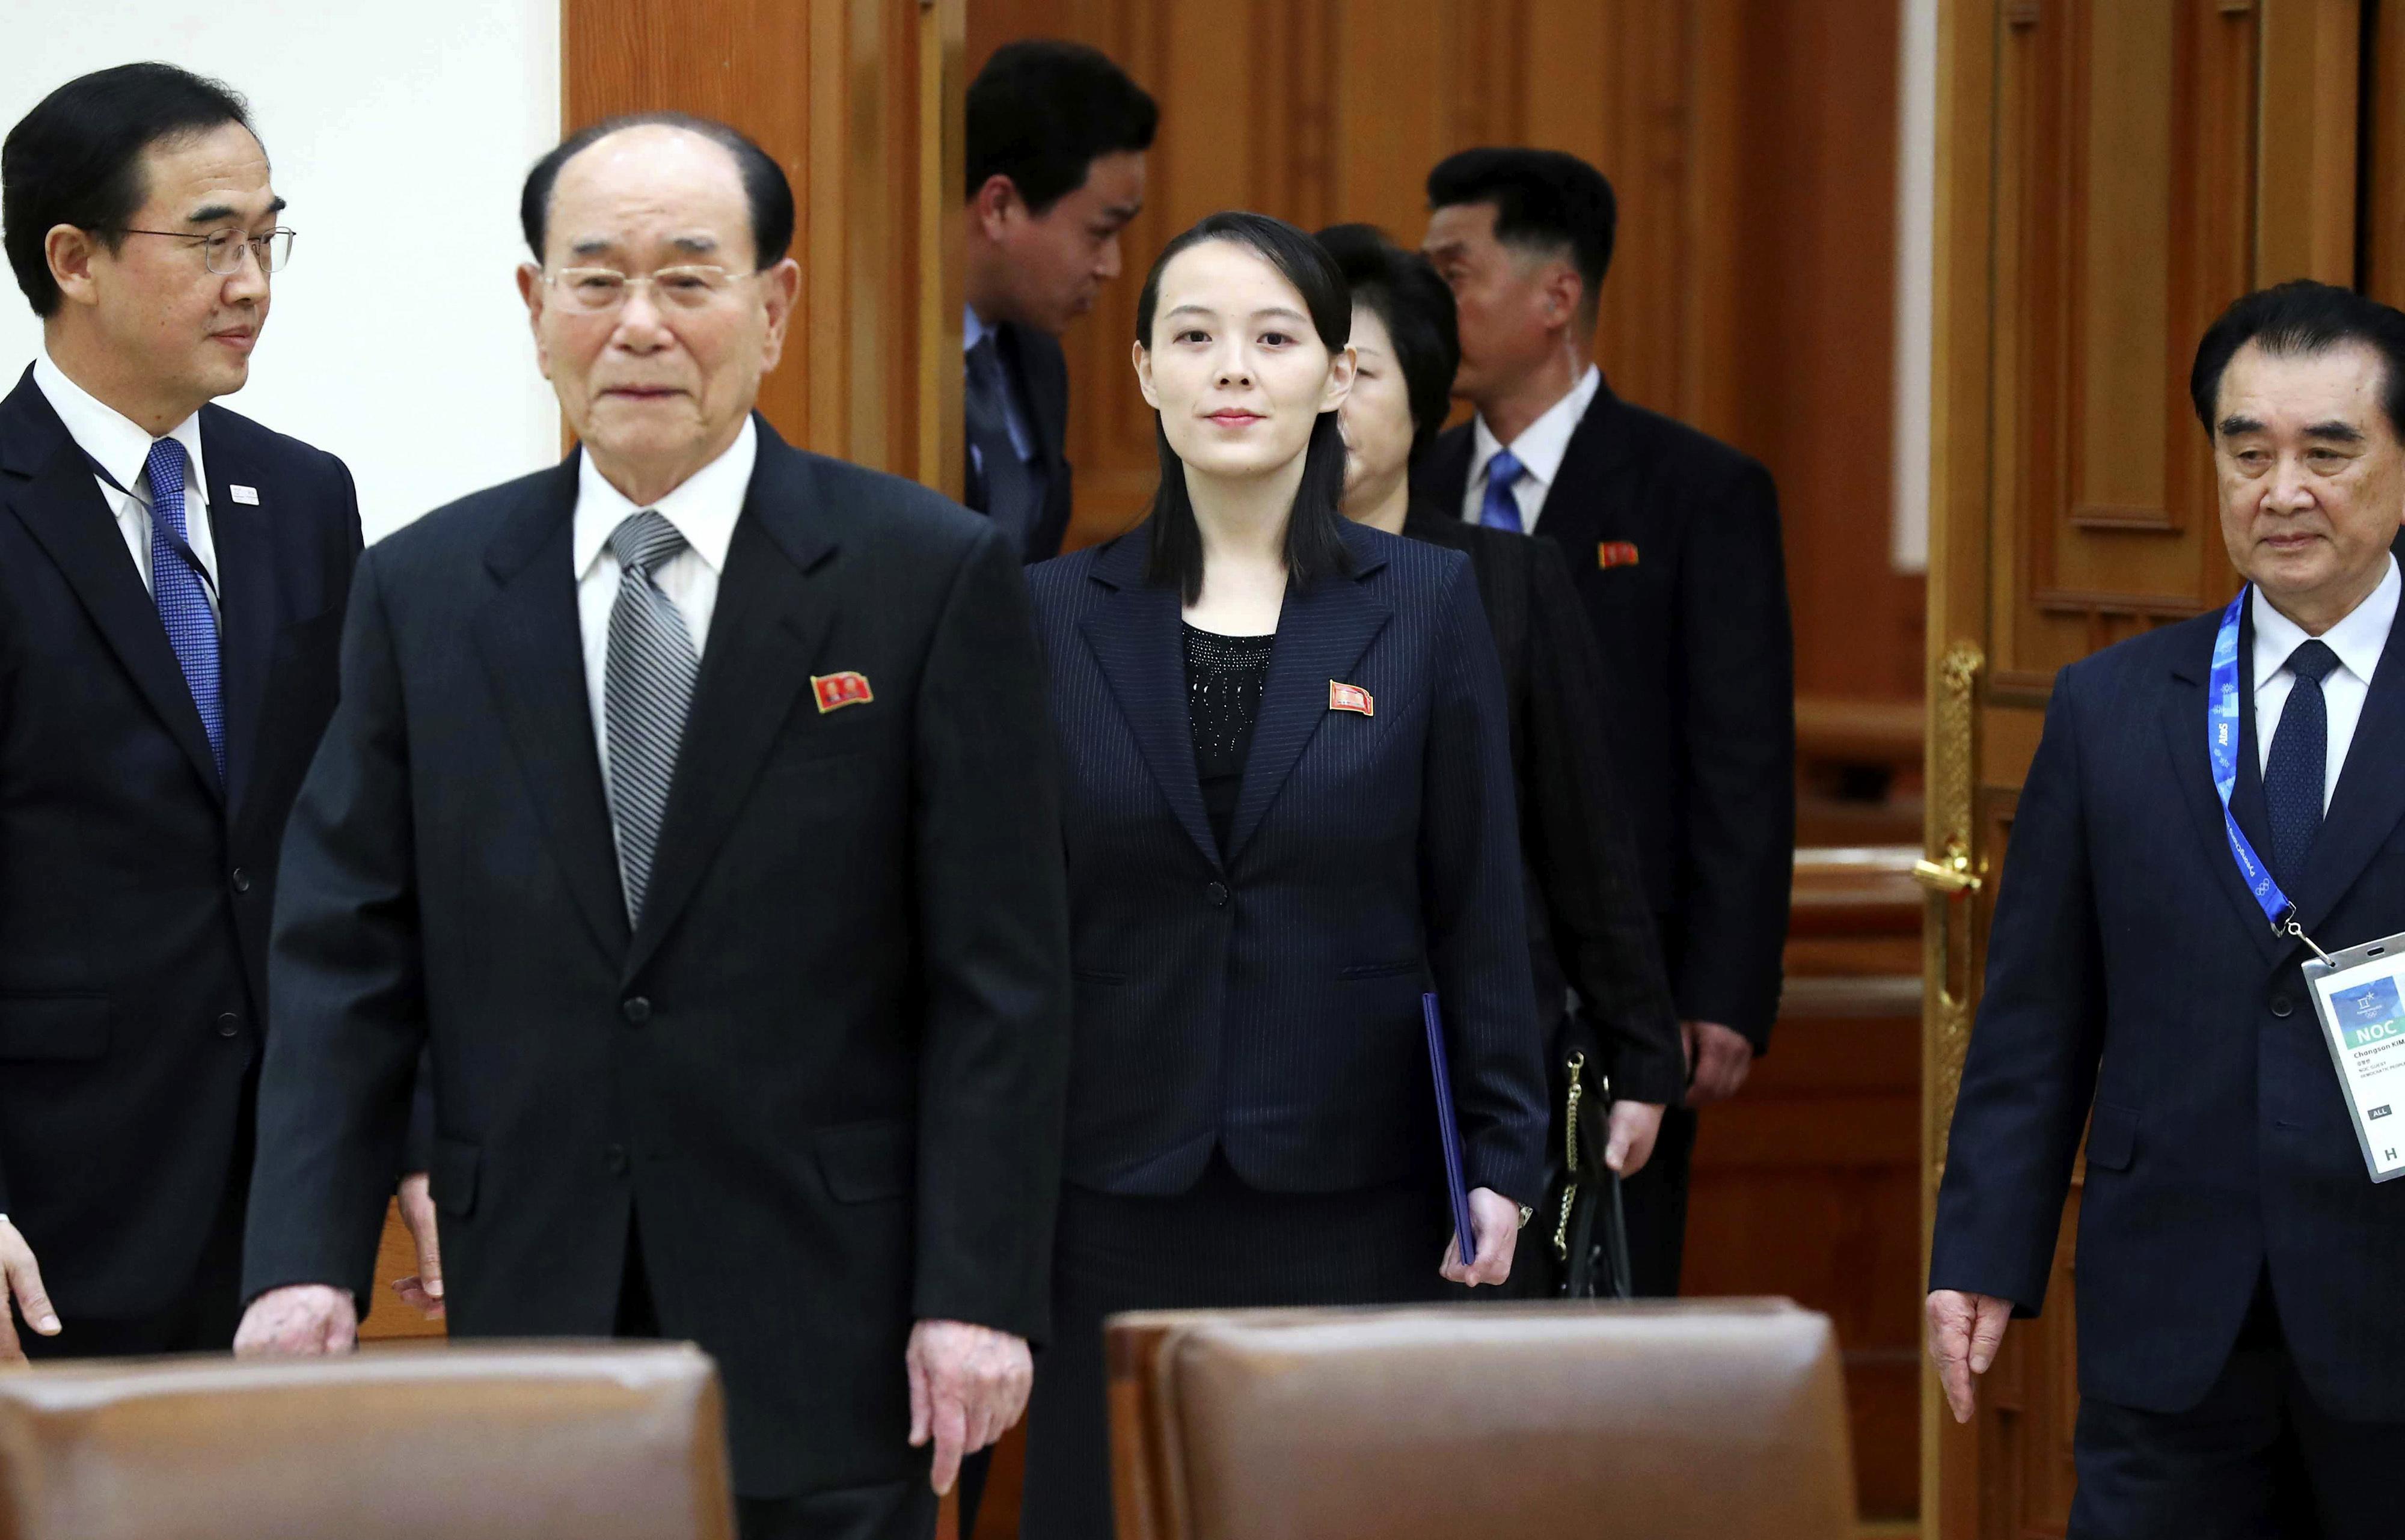 S. Korean president hosts lunch for Kim Jong Un's sister ...